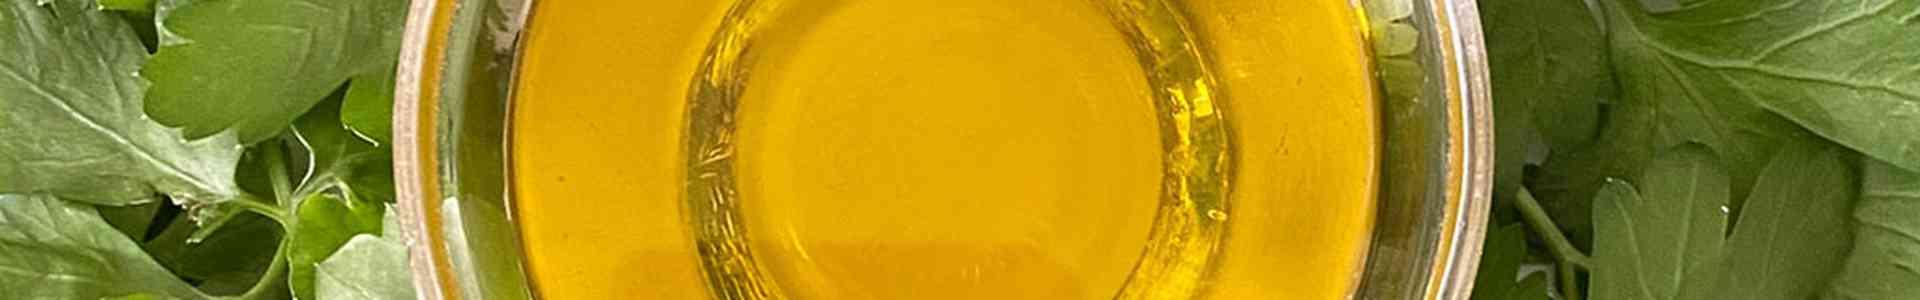 Peterselie olie - de veelzijdige smaakmaker